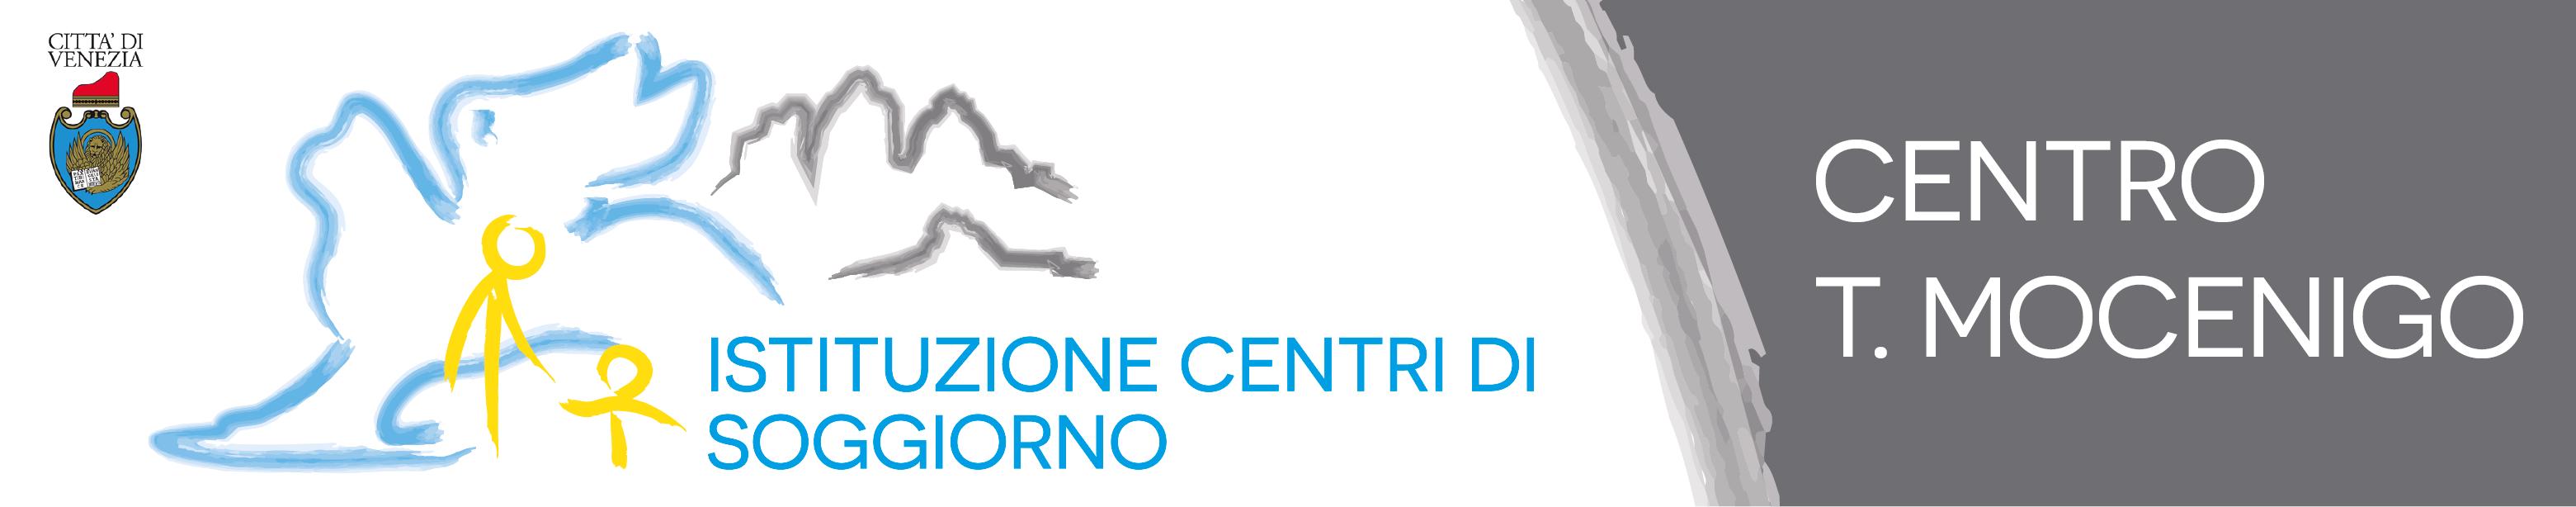 Centri soggiorno comune di venezia for Soggiorno a venezia economico